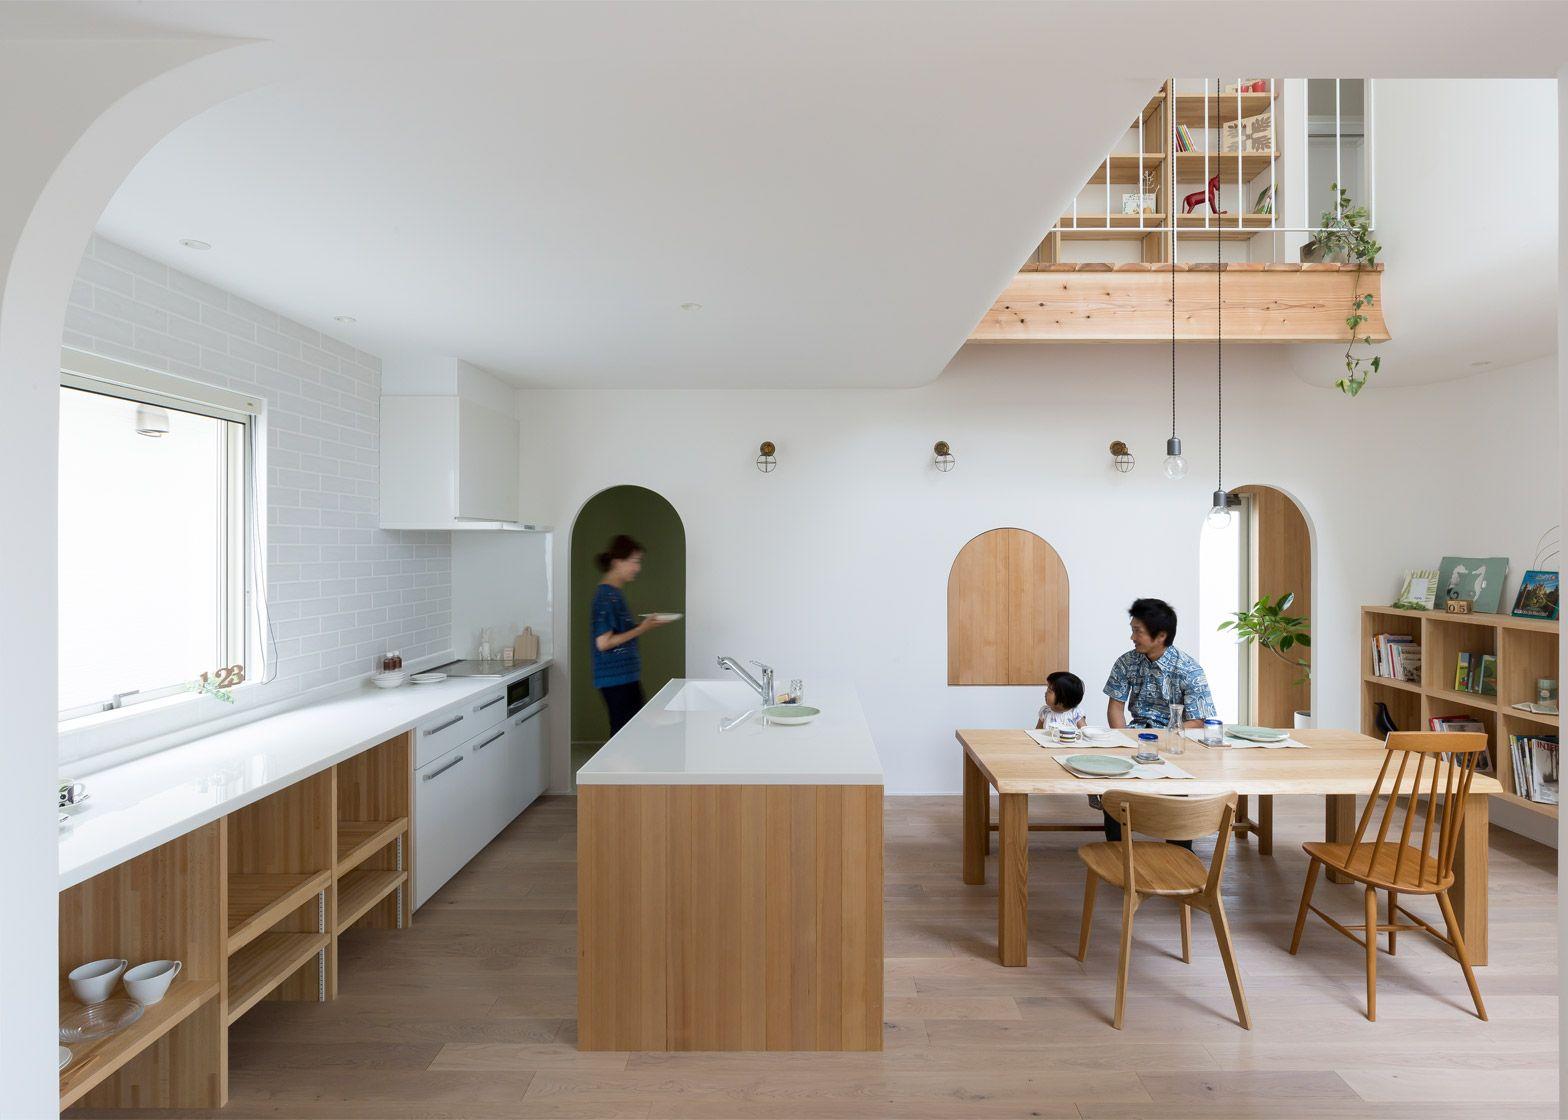 Erfreut Einen Wagen Kücheninsel Erstellen Bilder - Ideen Für Die ...